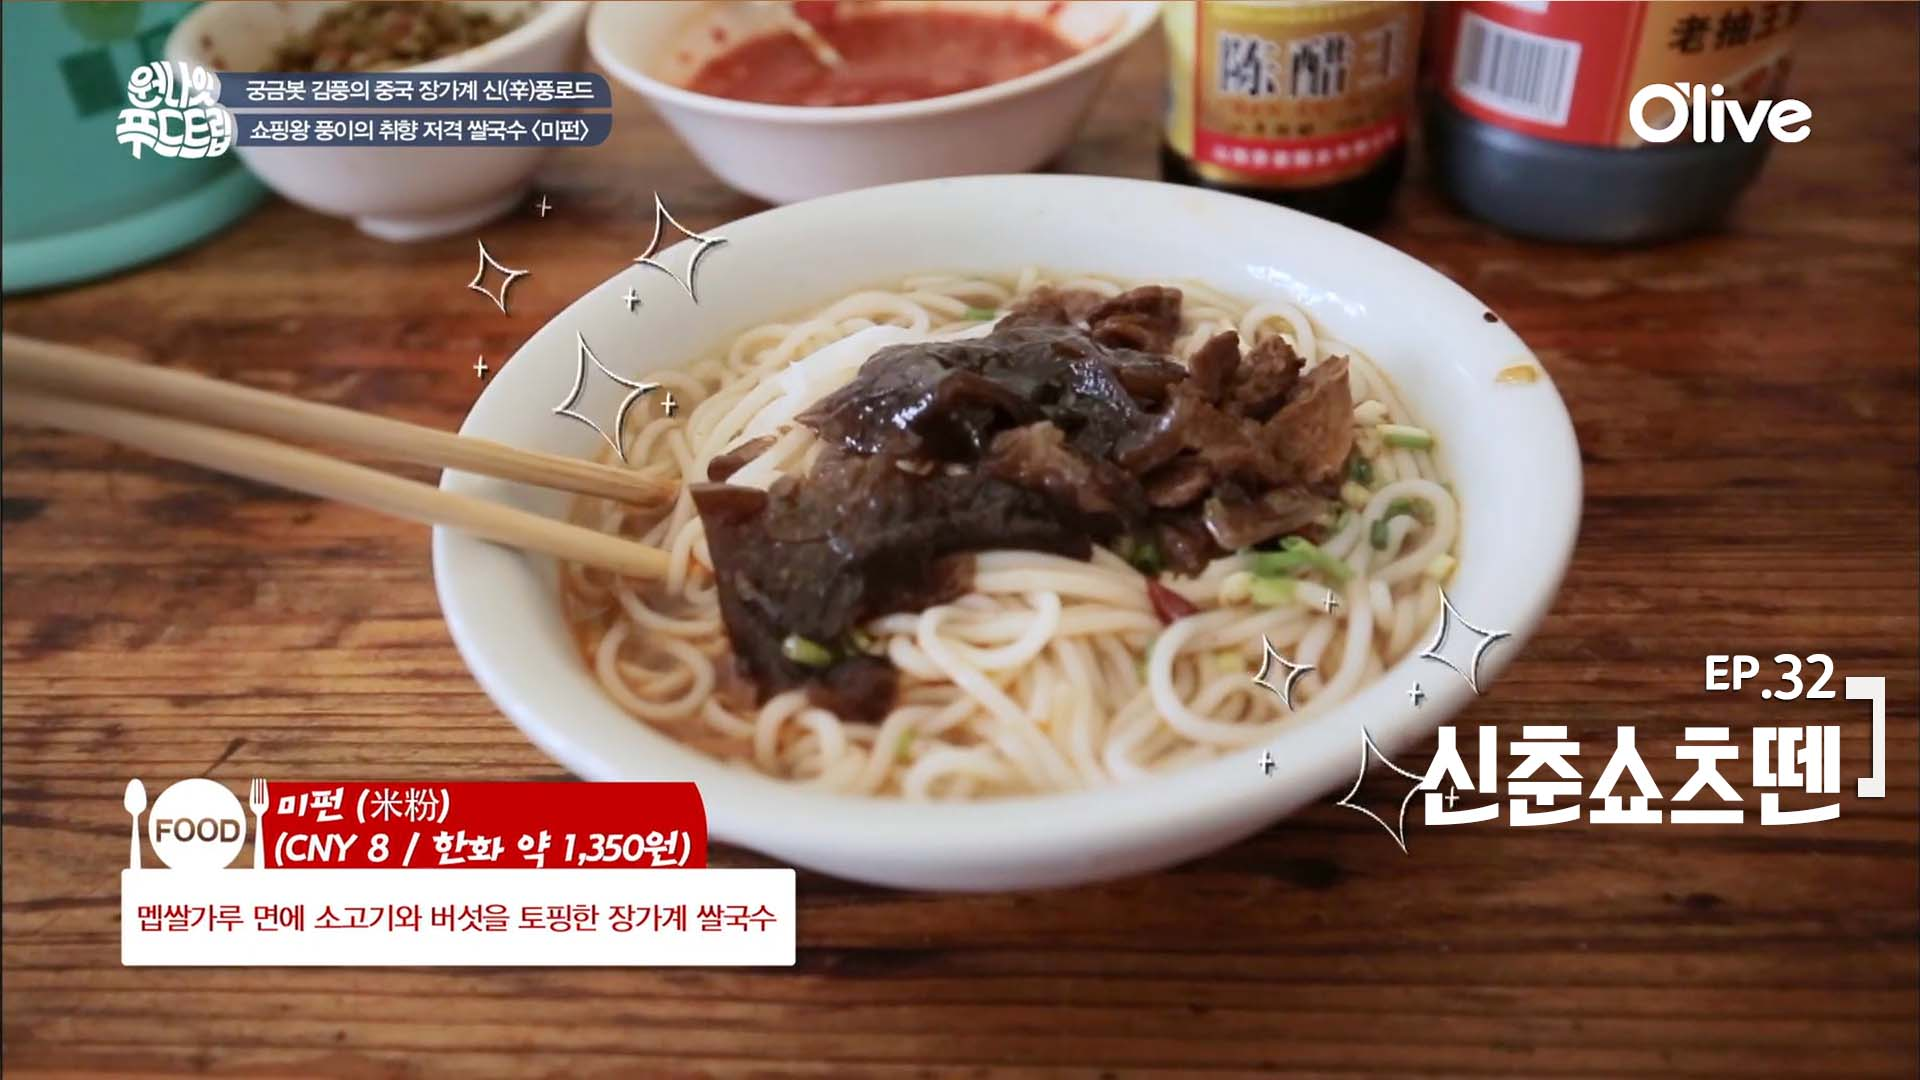 미펀 CNY 8 (한화 약 1350원)